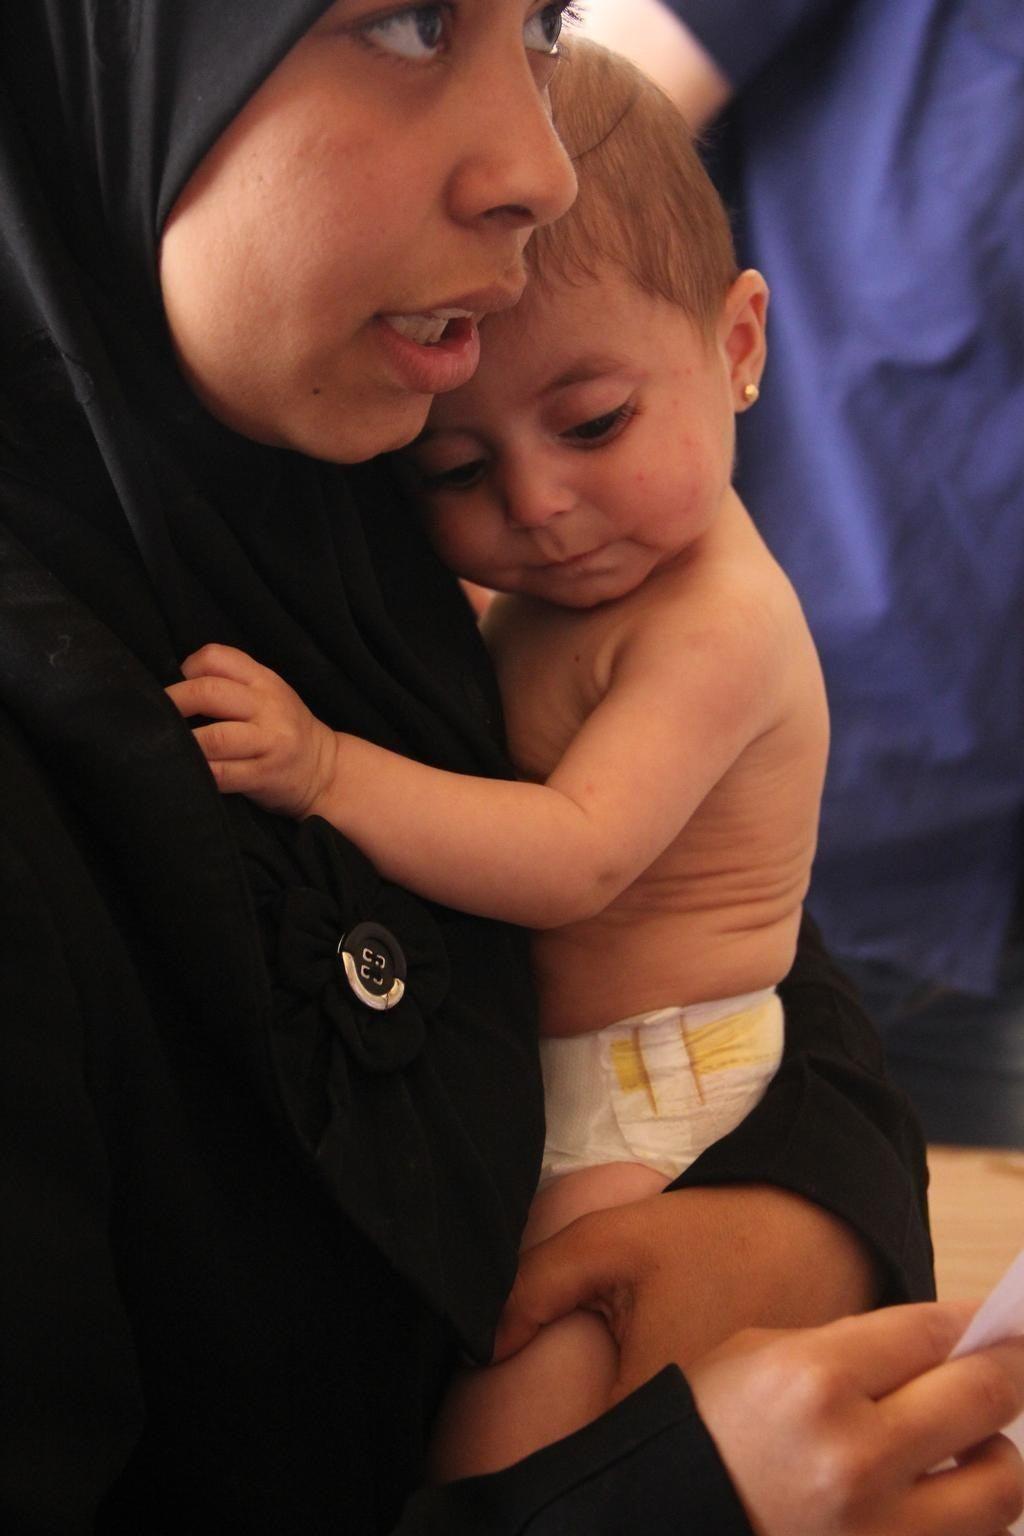 2014年6月11日シリア・アラブ共和国で女性が幼い娘を抱きかかえている。娘はアレッポ県の中心都市アレッポの、ユニセフが支援する医療センターで栄養失調の治療を受けた。